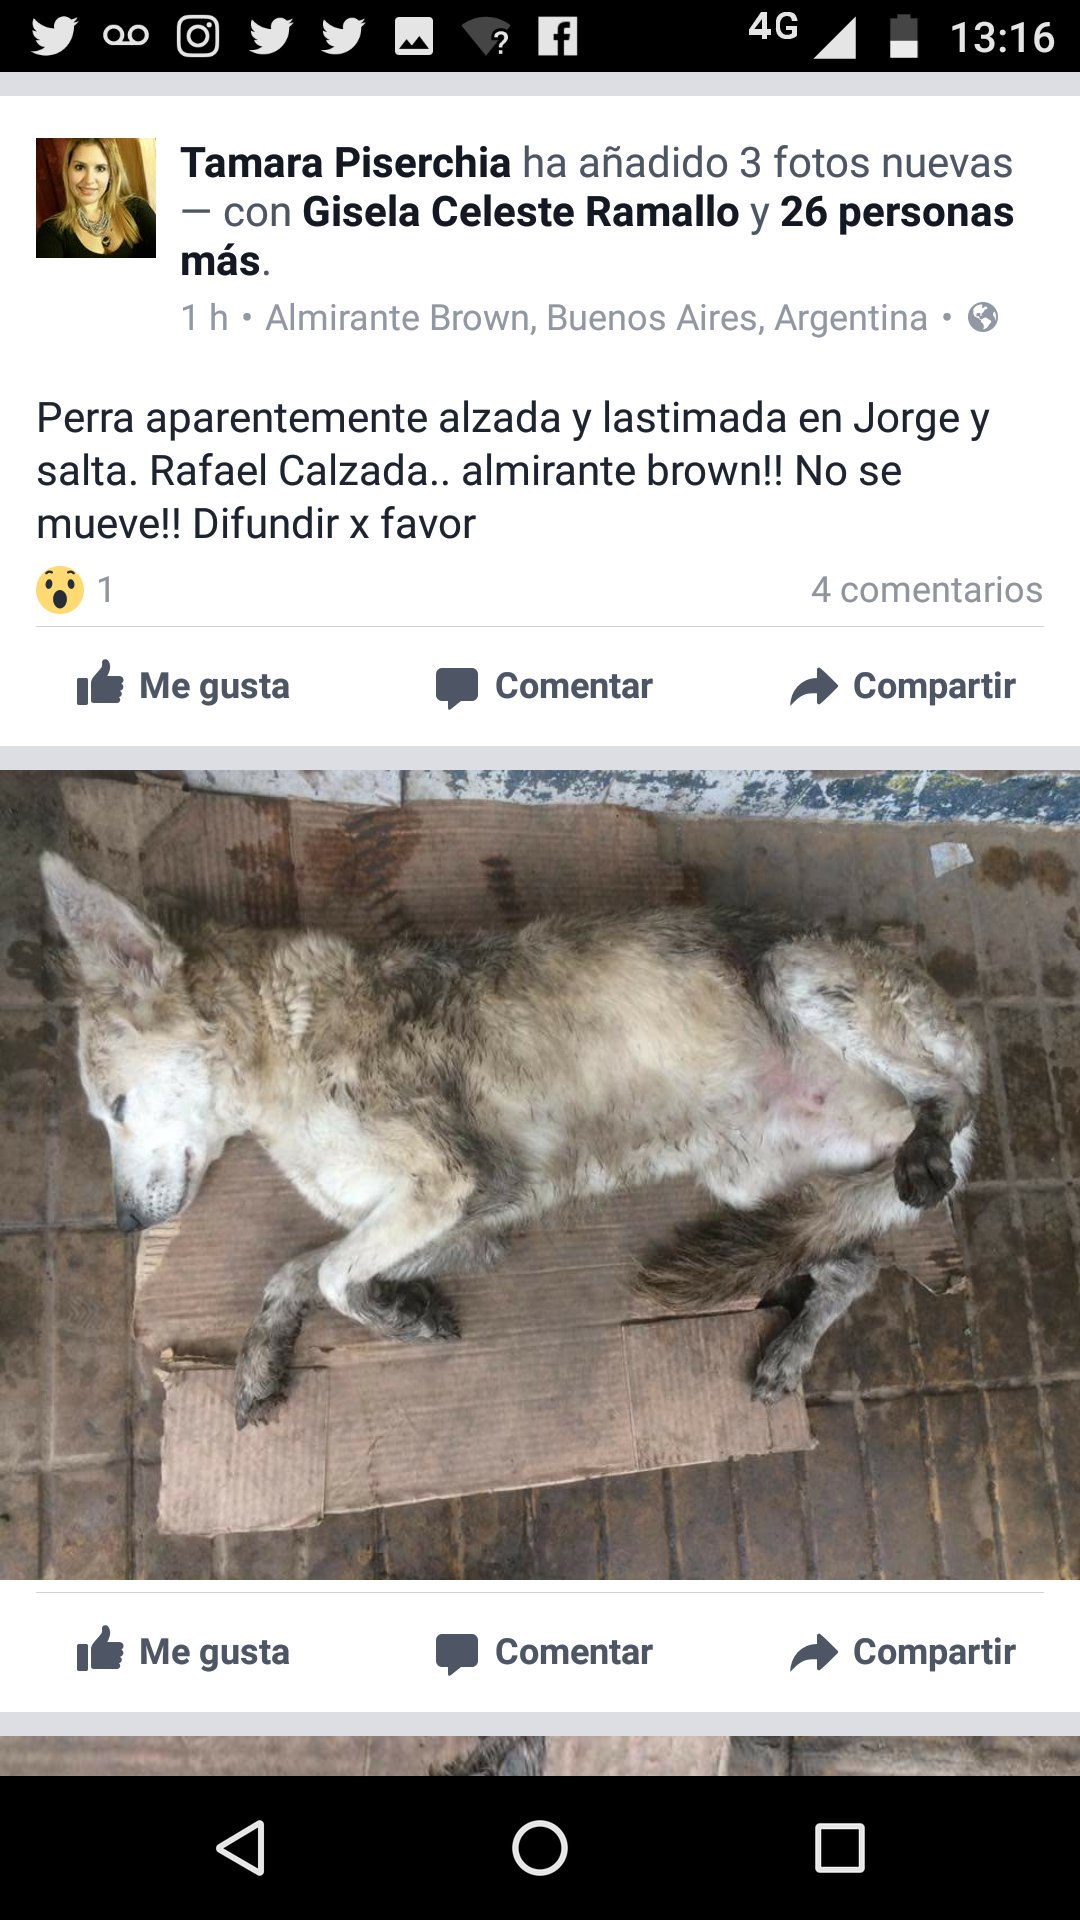 RT @refugioenalerta: #temperley esto pasa por no castrar por favor ayuda se muere https://t.co/JdEKH8oJKB